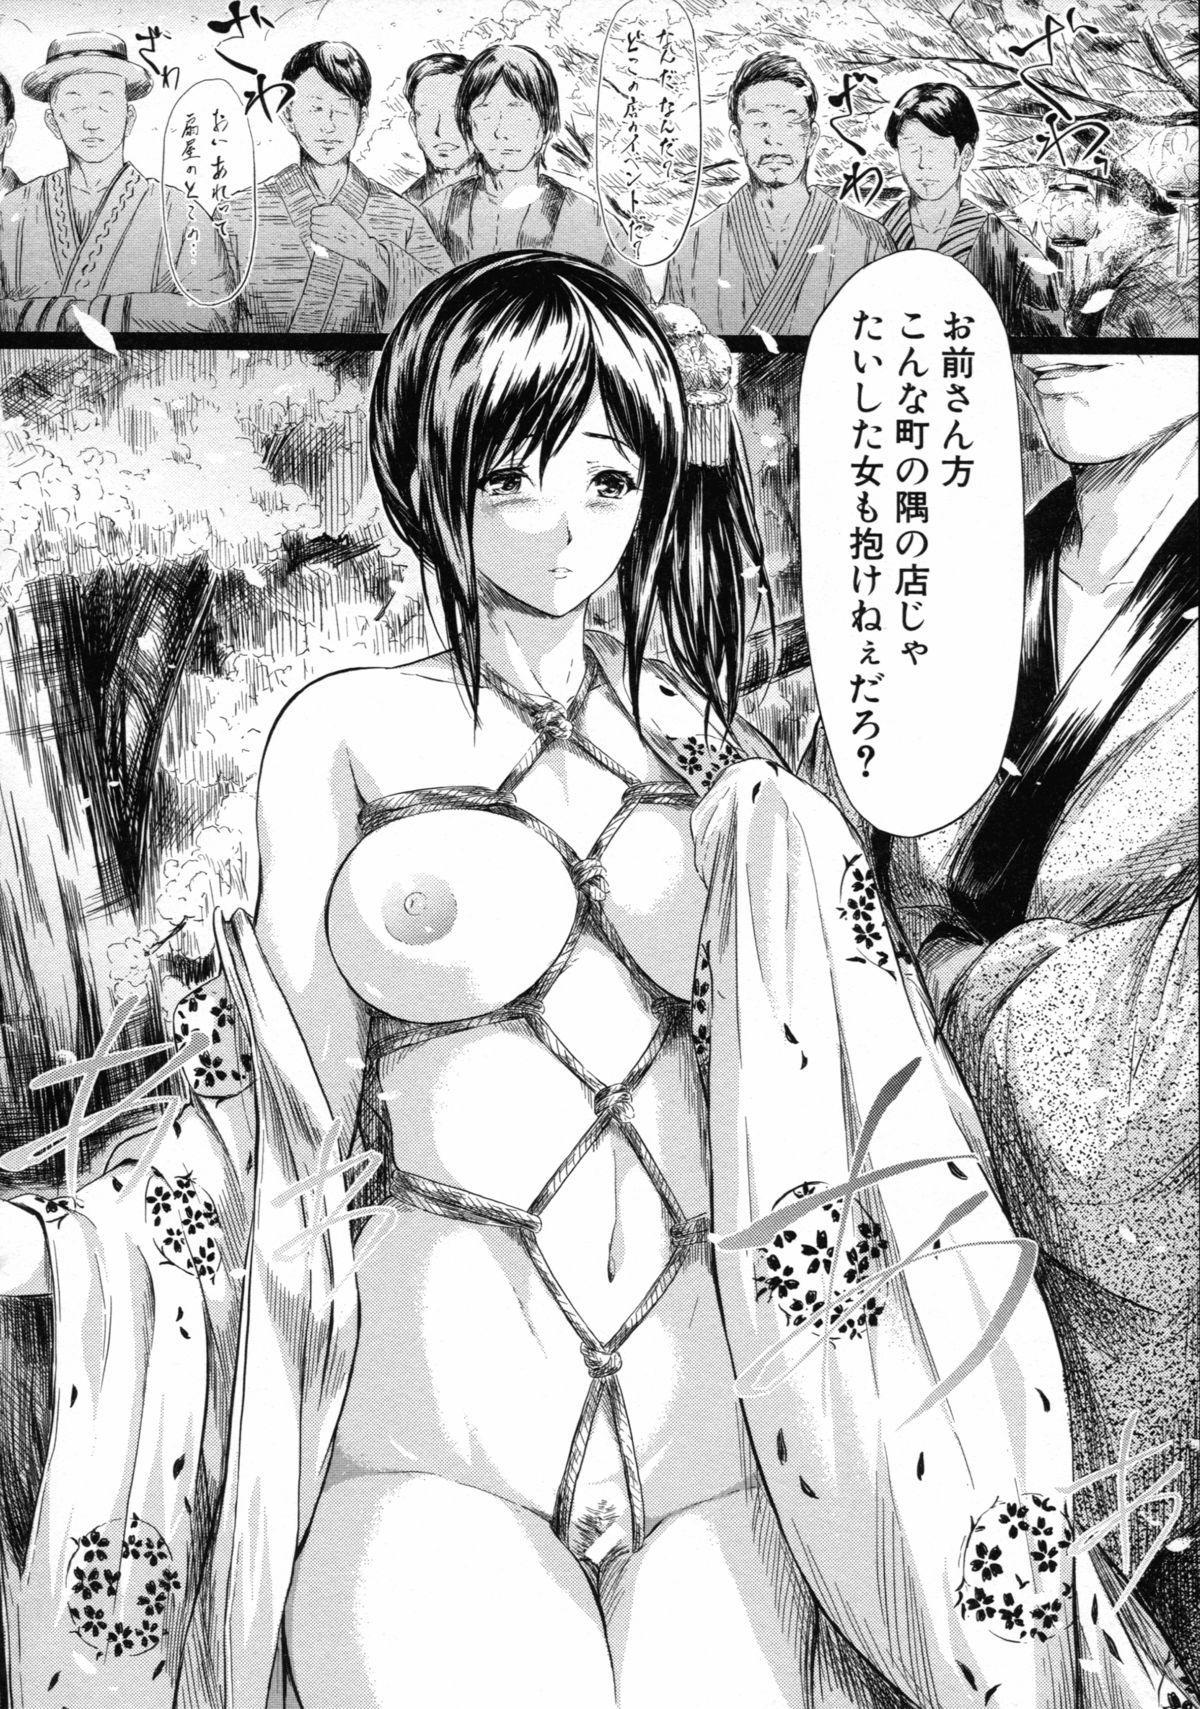 [Shiki Takuto] Tokoharu no Shoujo-tachi - The Girls in the Eternal Spring 156